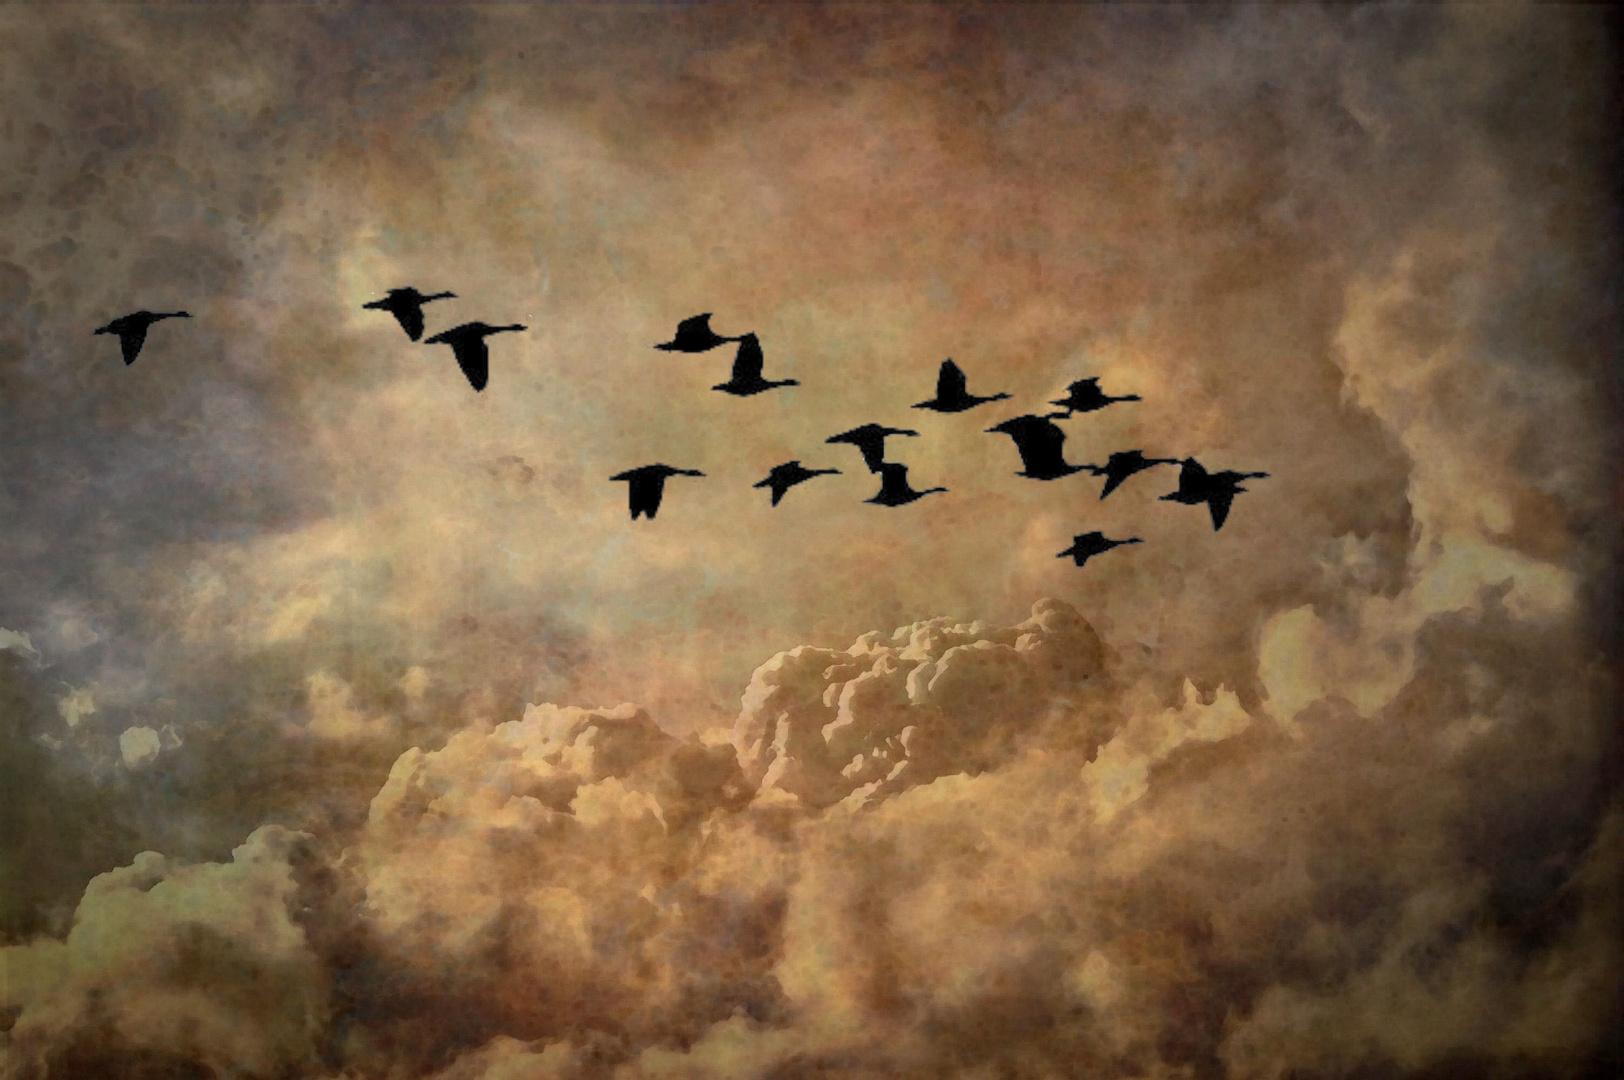 Der Vogelflug